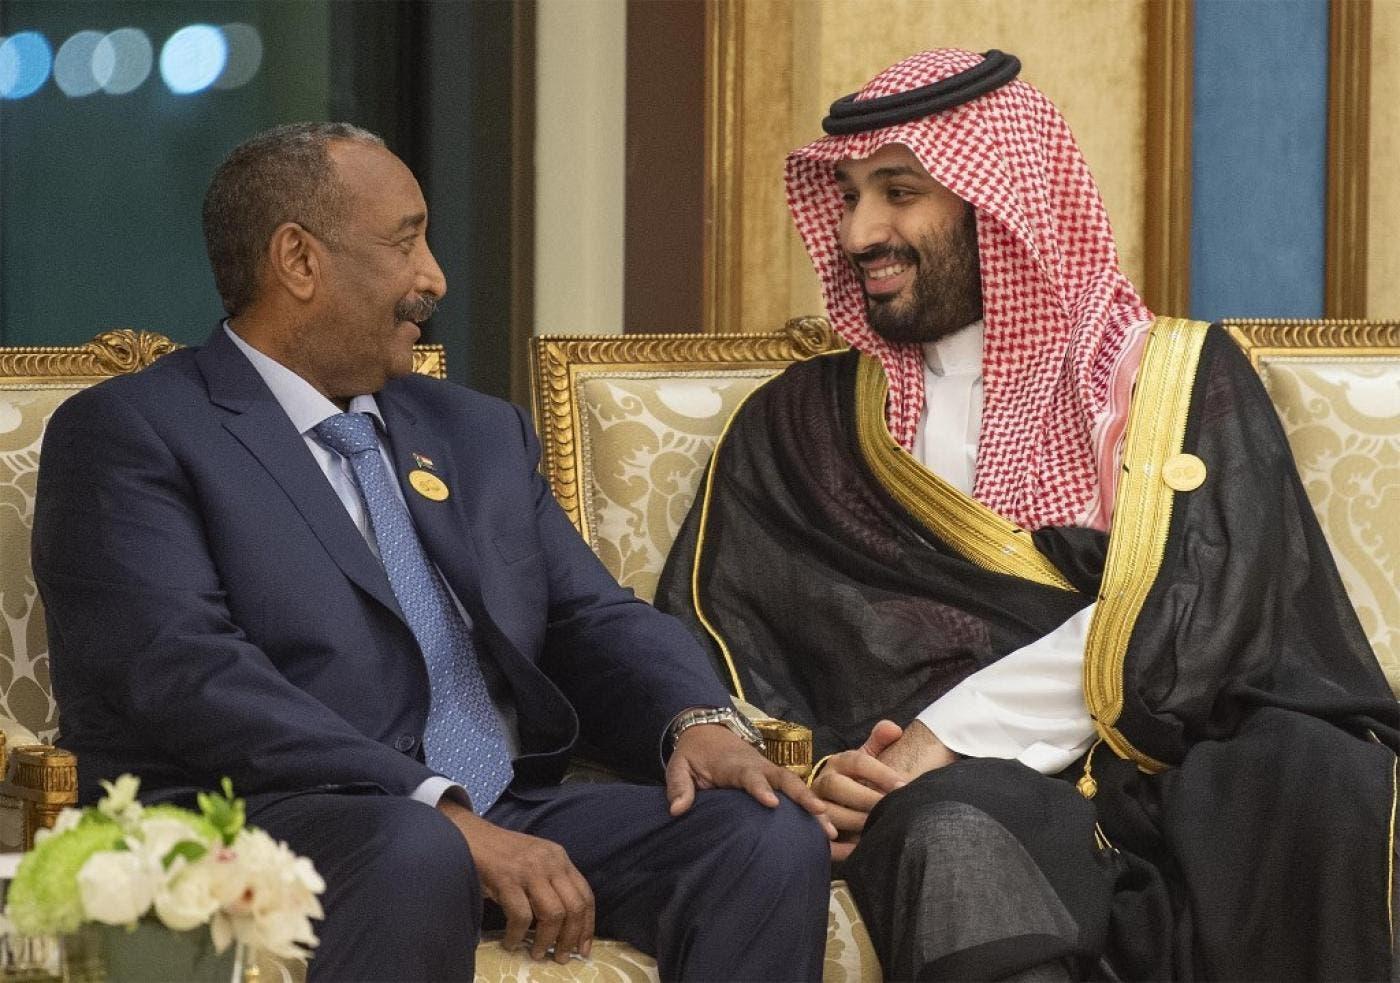 Dowladda Sacuudiga oo la ogaaday inay amartay xasuuqa ka socda Sudan